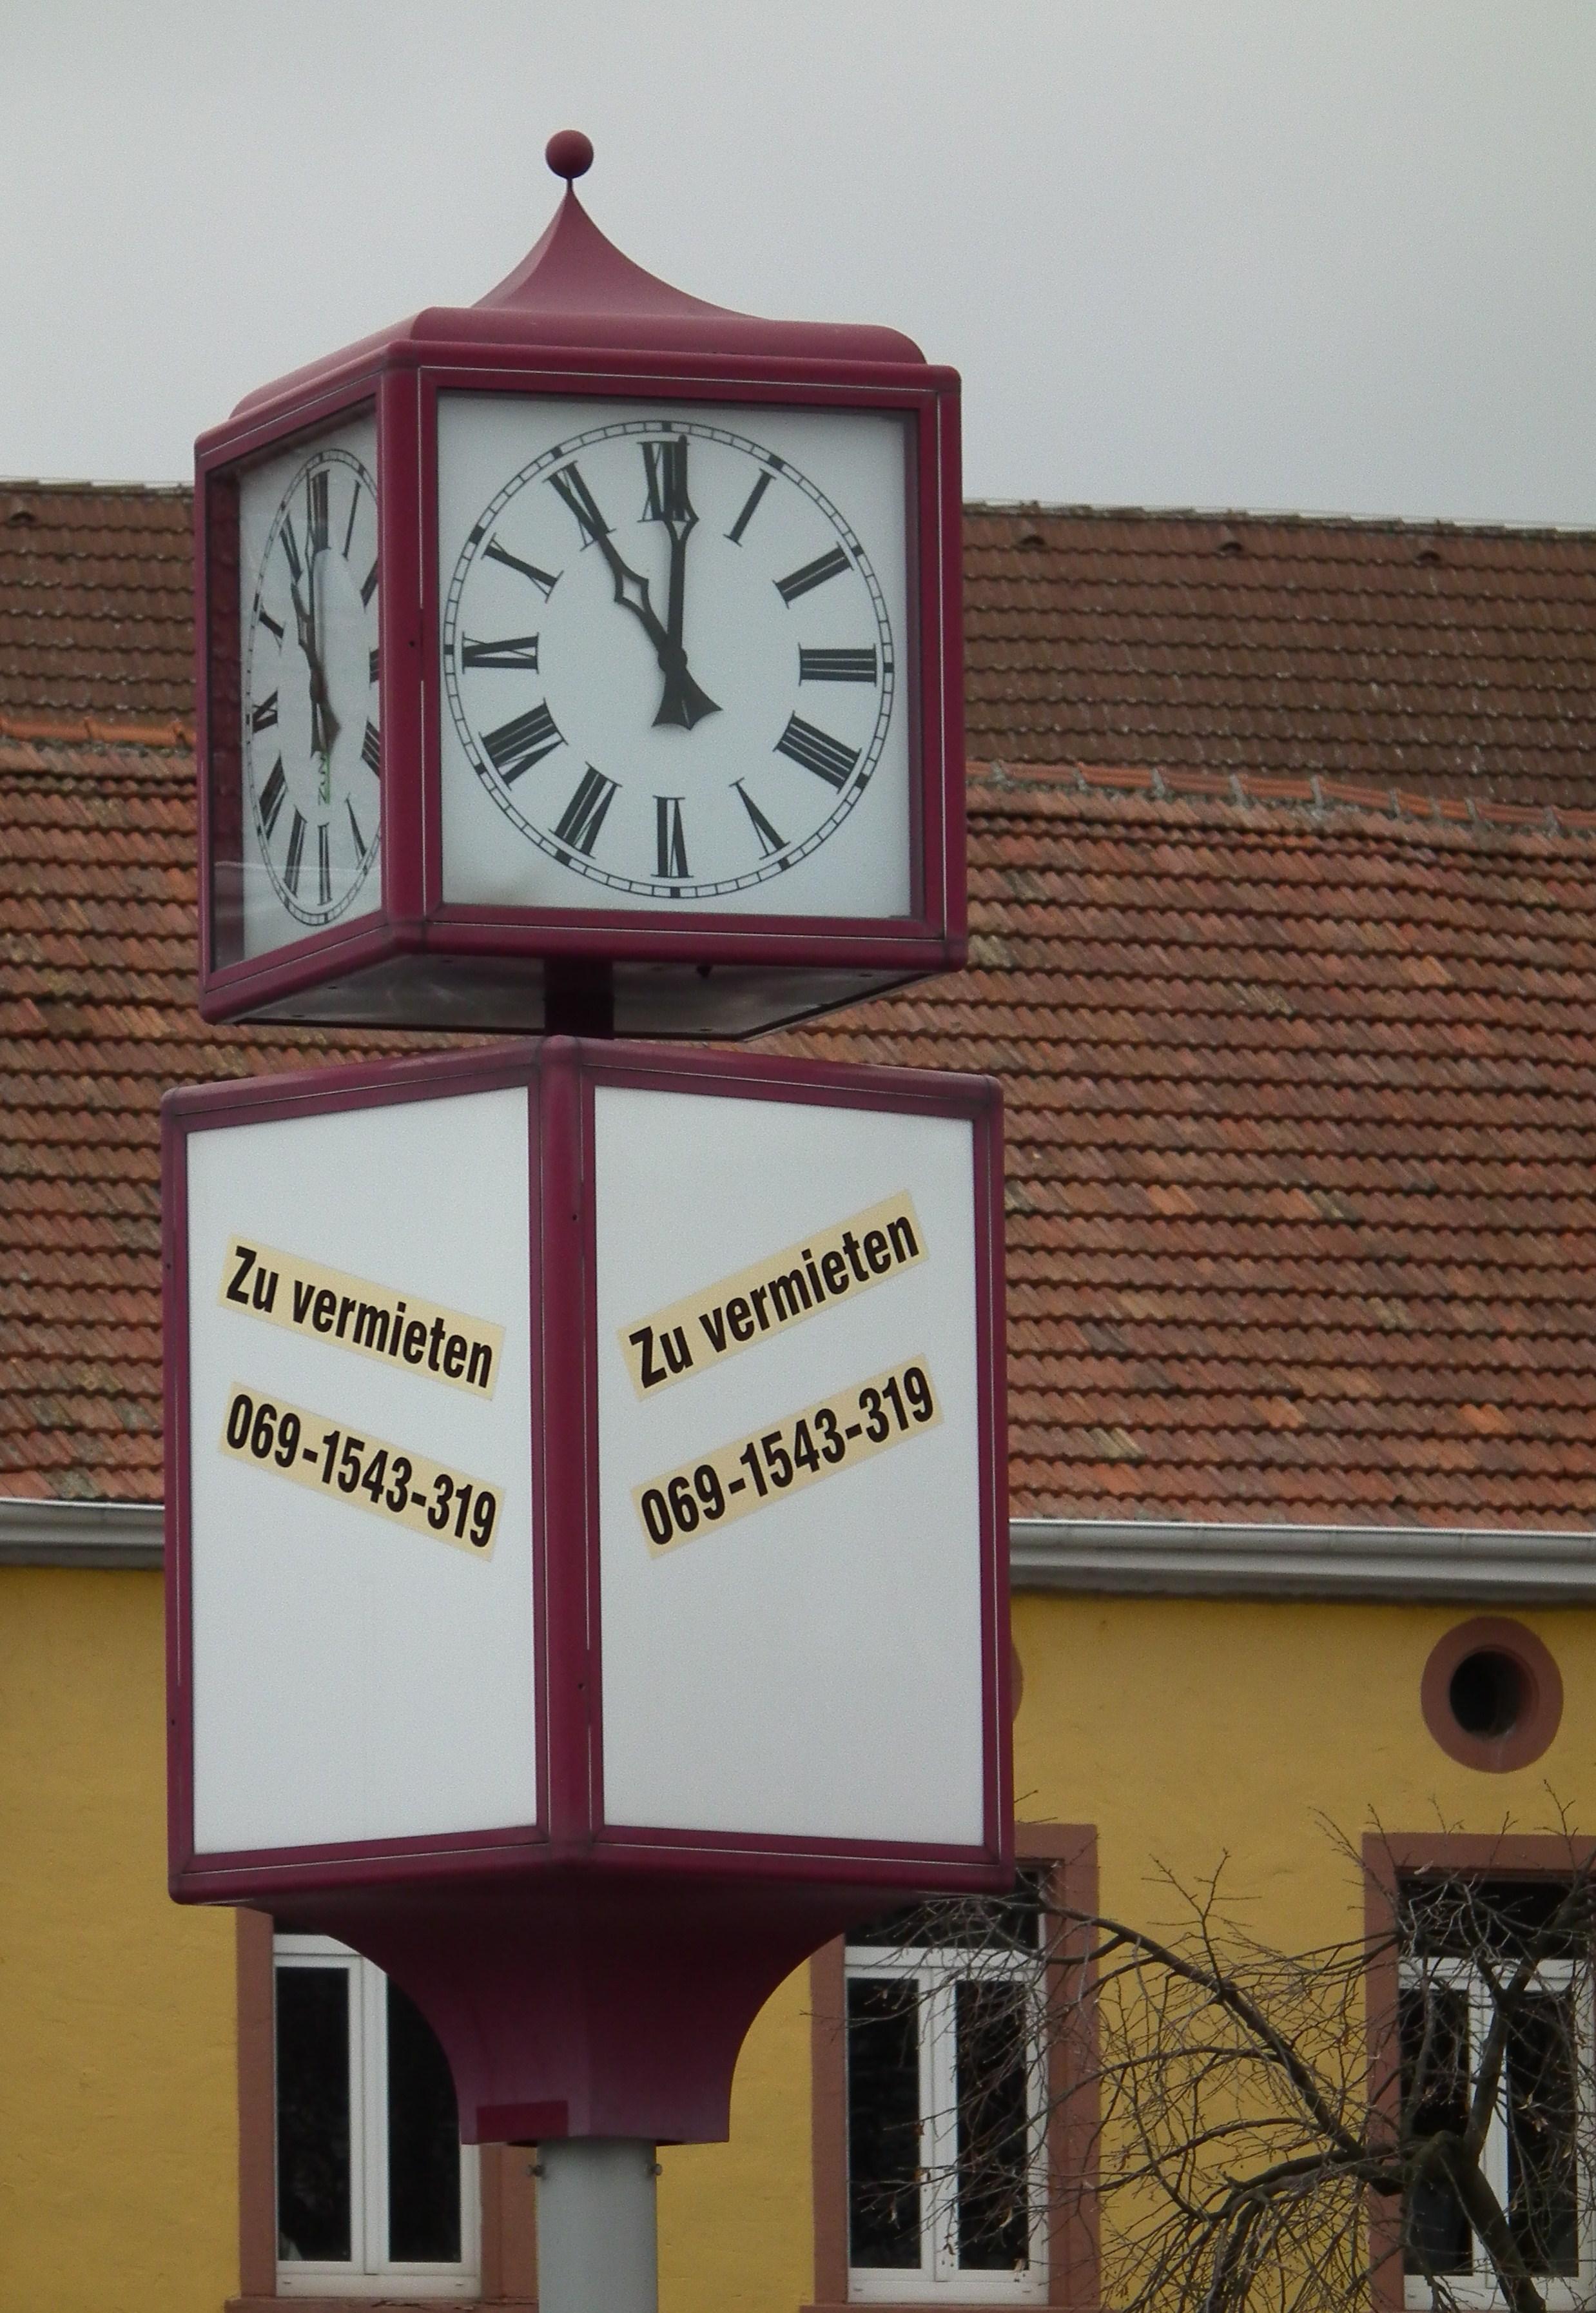 File:Lila Uhr Mit Werbefläche.JPG